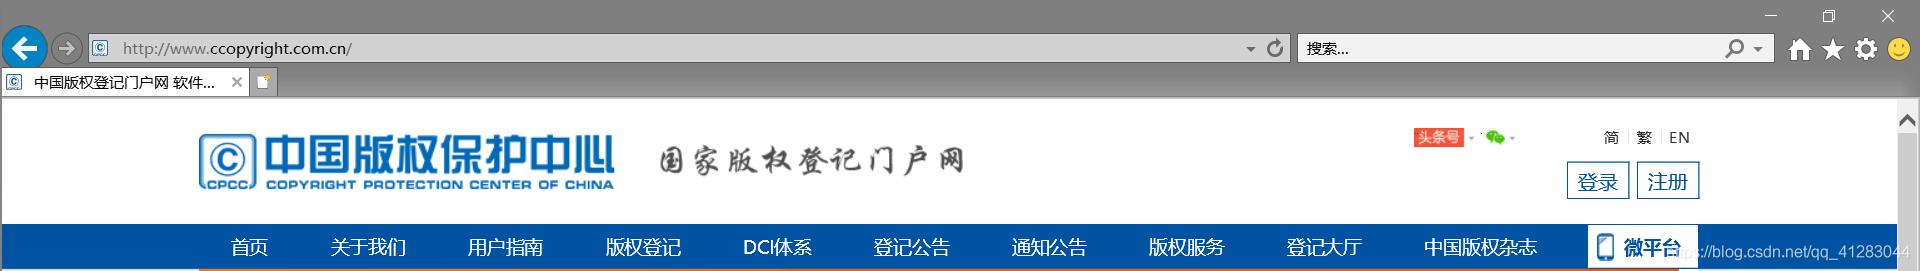 中国版权保护中心首页